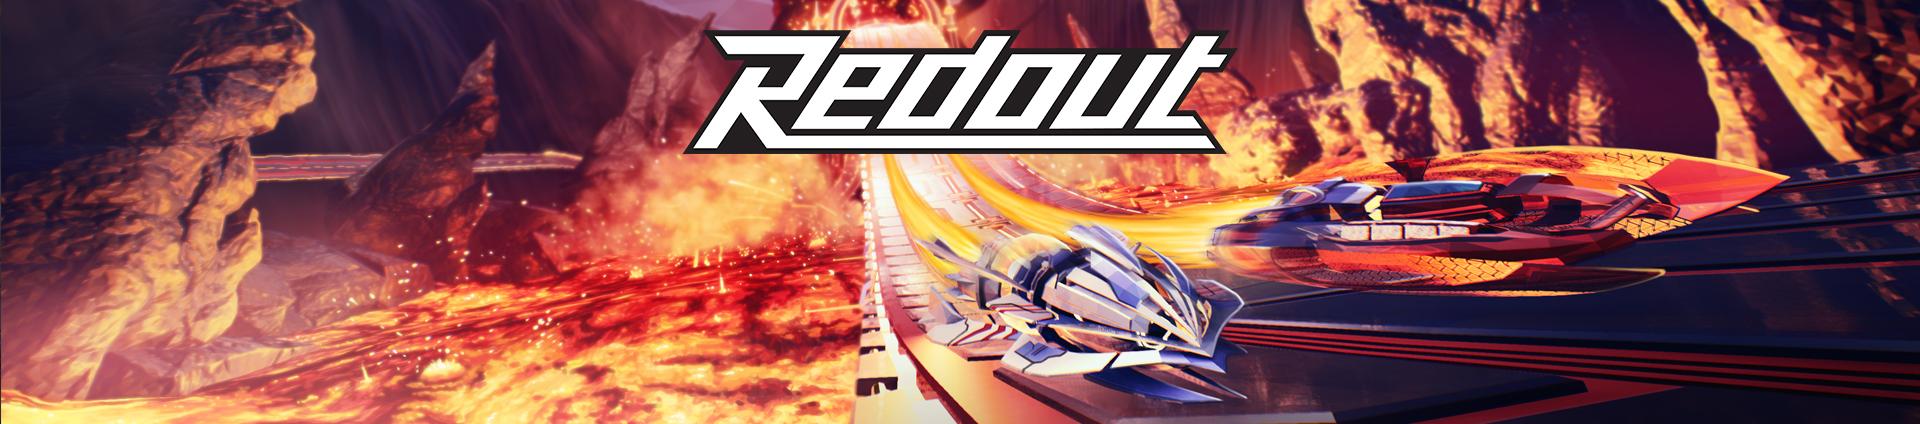 redout header